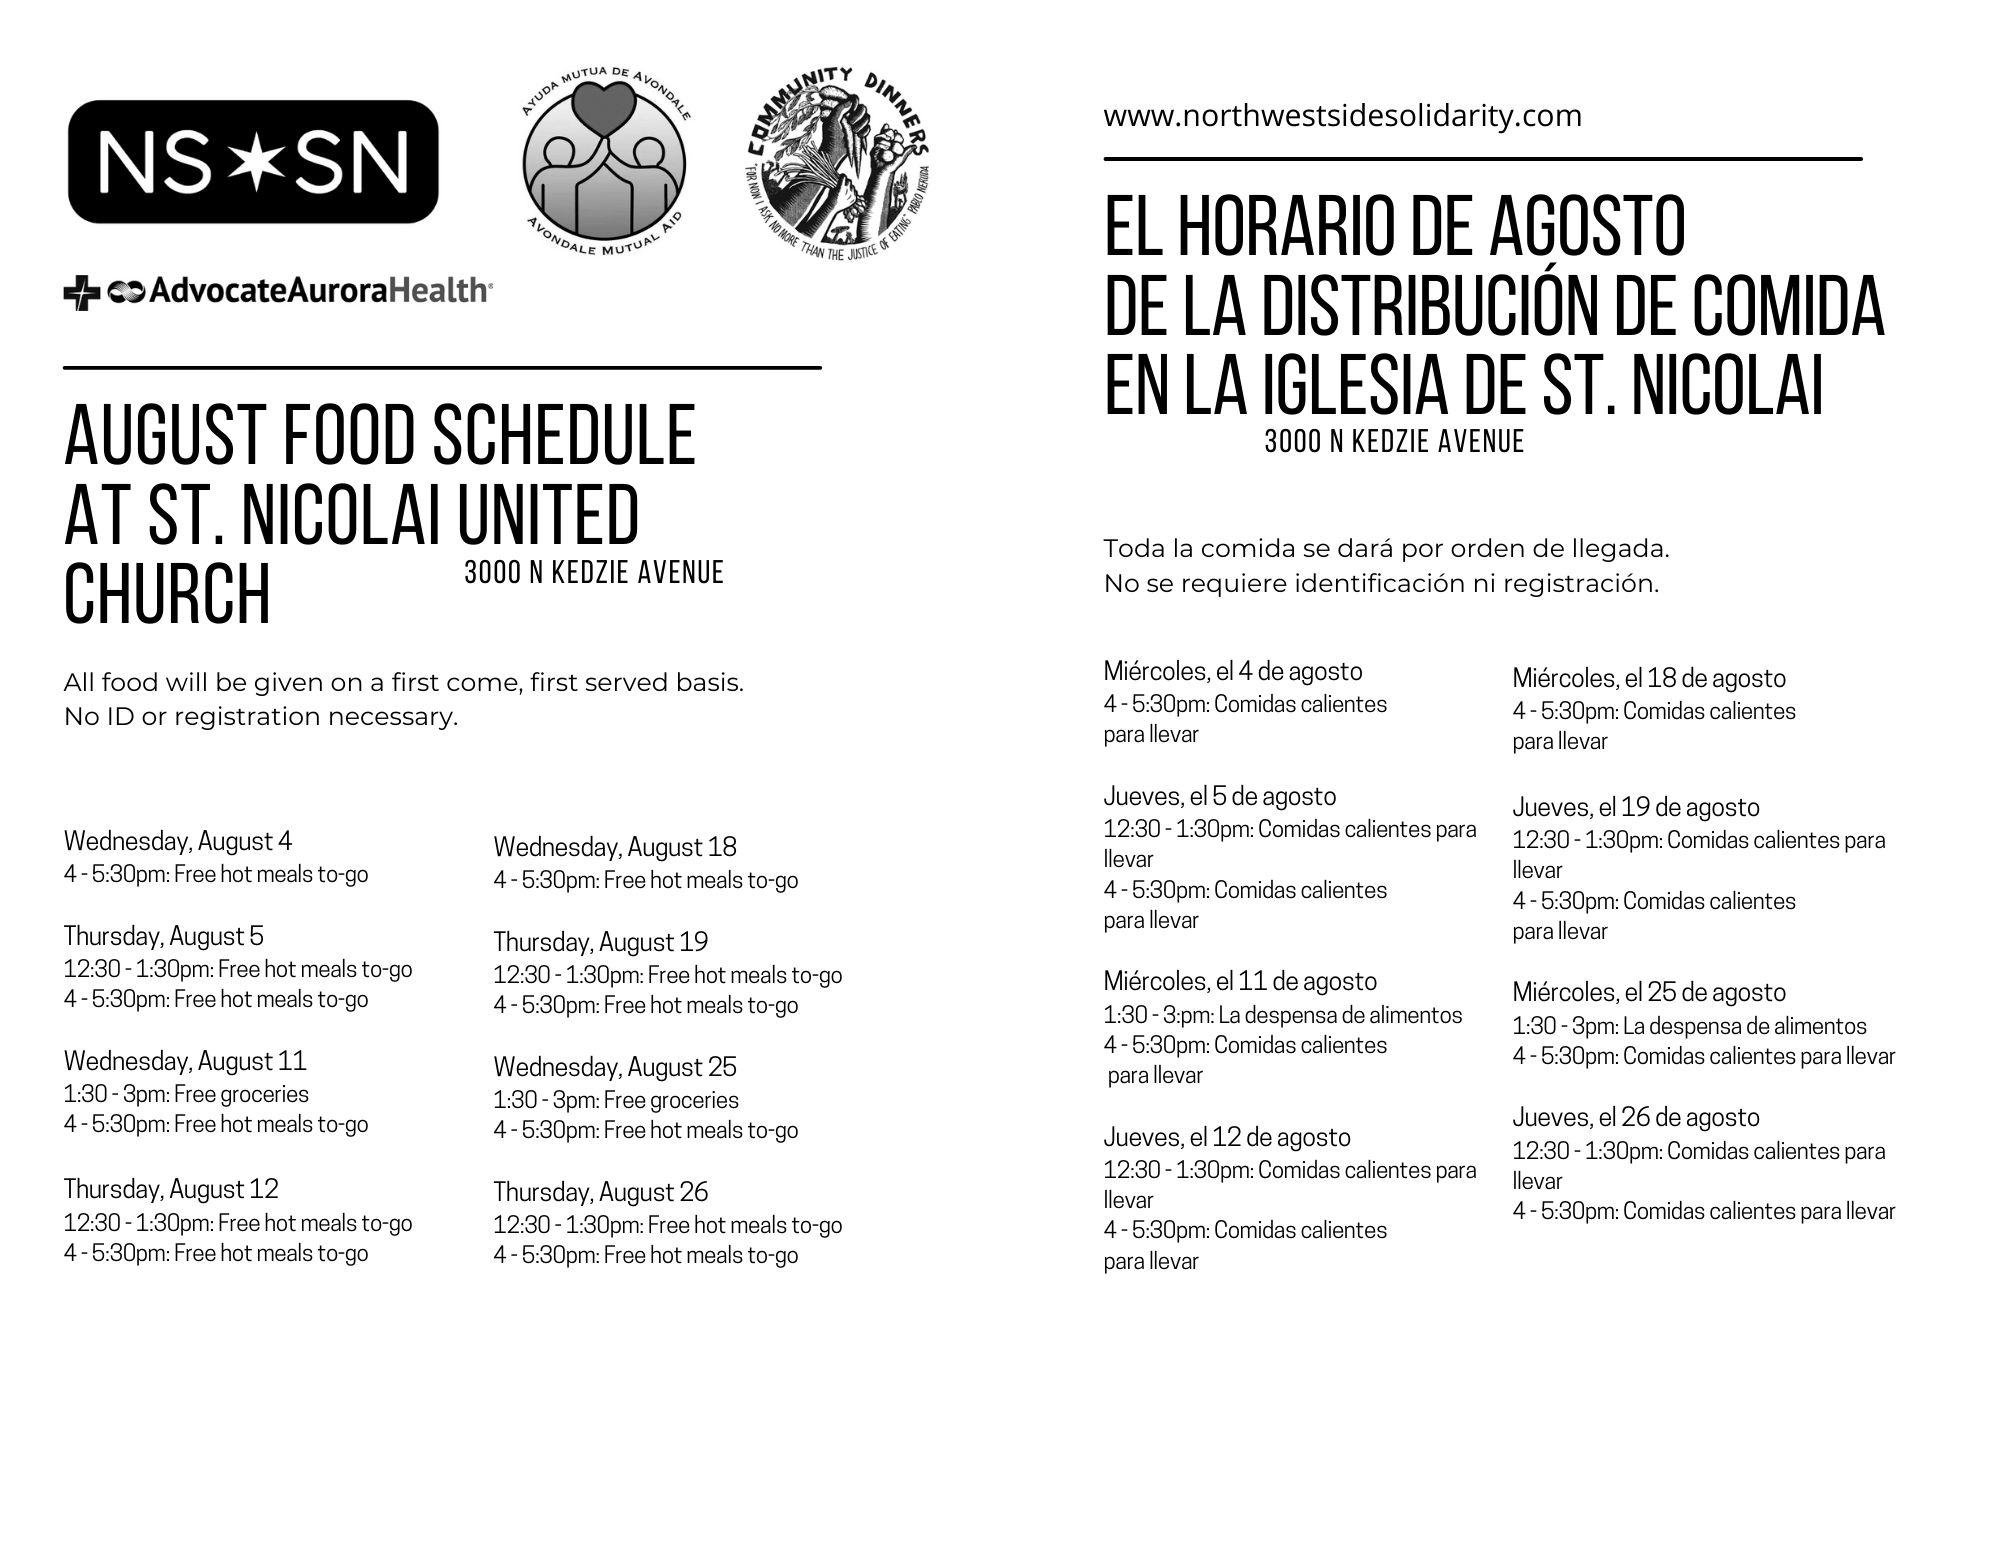 August Food Schedule at St. Nicolai United Church. Wednesday, August 4 4 - 5:30pm: Free hot meals to-go. Thursday, August 5 12:30 - 1:30pm: Free hot meals to-go 4 - 5:30pm: Free hot meals to-go. Wednesday, August 11 1:30 - 3pm: Free groceries 4 - 5:30pm: Free hot meals to-go. Thursday, August 12 12:30 - 1:30pm: Free hot meals to-go 4 - 5:30pm: Free hot meals to-go. Wednesday, August 18 4 - 5:30pm: Free hot meals to-go. Thursday, August 19 12:30 - 1:30pm: Free hot meals to-go 4 - 5:30pm: Free hot meals to-go. Wednesday, August 25 1:30 - 3pm: Free groceries 4 - 5:30pm: Free hot meals to-go. Thursday, August 26 12:30 - 1:30pm: Free hot meals to-go 4 - 5:30pm: Free hot meals to-go. All food will be given on a first come, first served basis. No ID or registration necessary. El horario de agosto de la distribución de comida en la Iglesia de St. Nicolai. Toda la comida se dará por orden de llegada. No se requiere identificación ni registración. Miércoles, el 4 de agosto 4 - 5:30pm: Comidas calientes para llevar. Jueves, el 5 de agosto 12:30 - 1:30pm: Comidas calientes para llevar 4 - 5:30pm: Comidas calientes para llevar. Miércoles, el 11 de agosto 1:30 - 3:pm: La despensa de alimentos 4 - 5:30pm: Comidas calientes para llevar. Jueves, el 12 de agosto 12:30 - 1:30pm: Comidas calientes para llevar 4 - 5:30pm: Comidas calientes para llevar. Miércoles, el 18 de agosto 4 - 5:30pm: Comidas calientes para llevar. Jueves, el 19 de agosto 12:30 - 1:30pm: Comidas calientes para llevar 4 - 5:30pm: Comidas calientes para llevar. Miércoles, el 25 de agosto 1:30 - 3pm: La despensa de alimentos 4 - 5:30pm: Comidas calientes para llevar. Jueves, el 26 de agosto 12:30 - 1:30pm: Comidas calientes para llevar 4 - 5:30pm: Comidas calientes para llevar. 3000 N Kedzie Avenue. www.northwestsidesolidarity.com